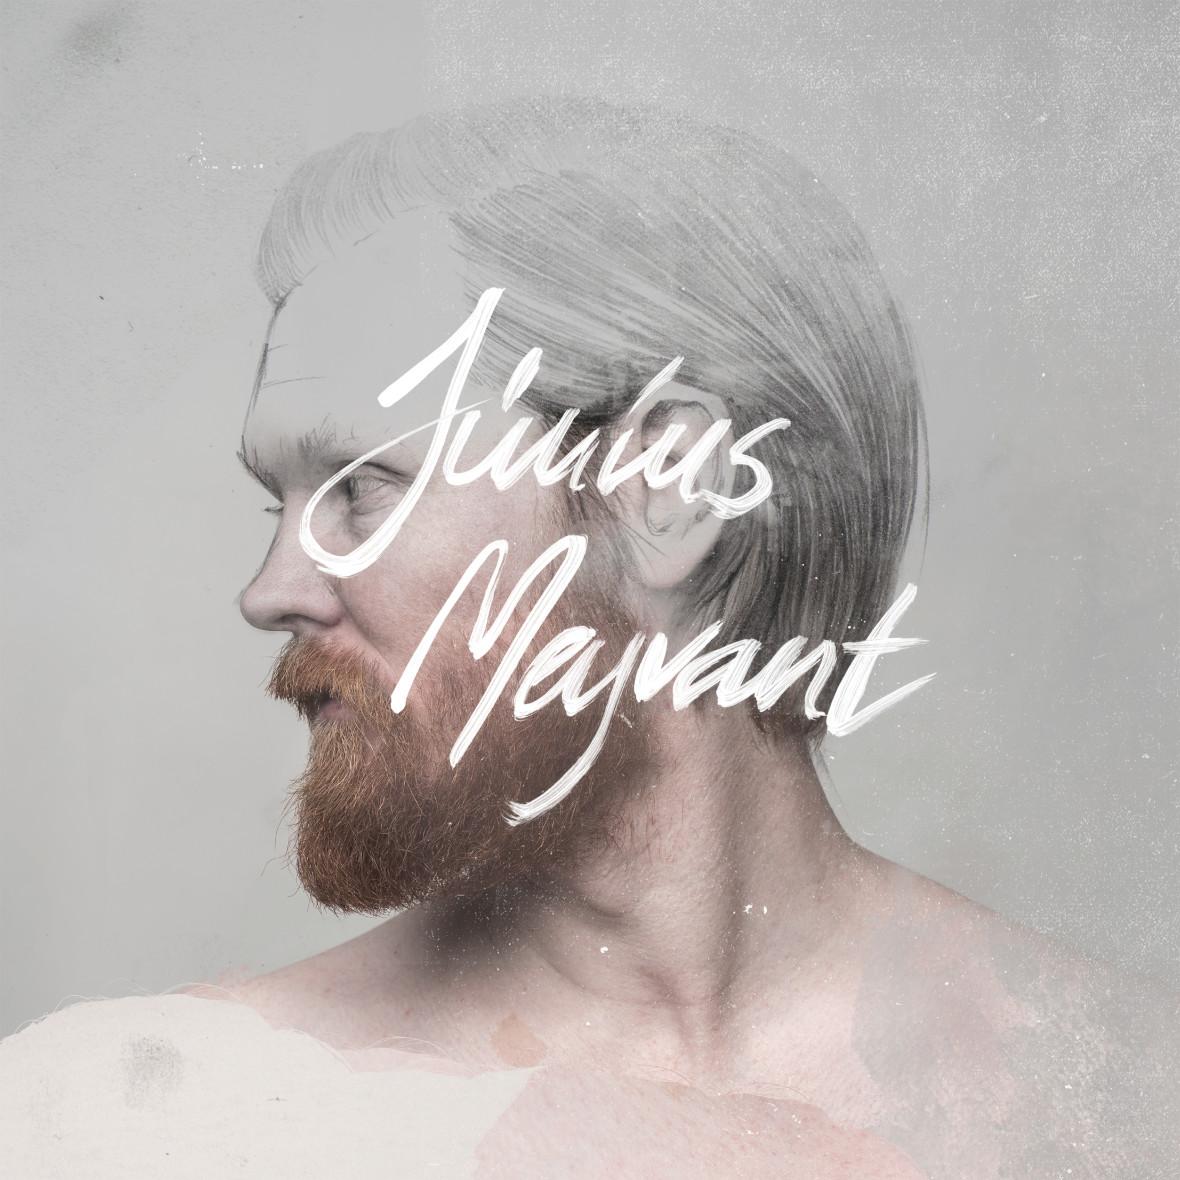 Júníus Meyvant - EP